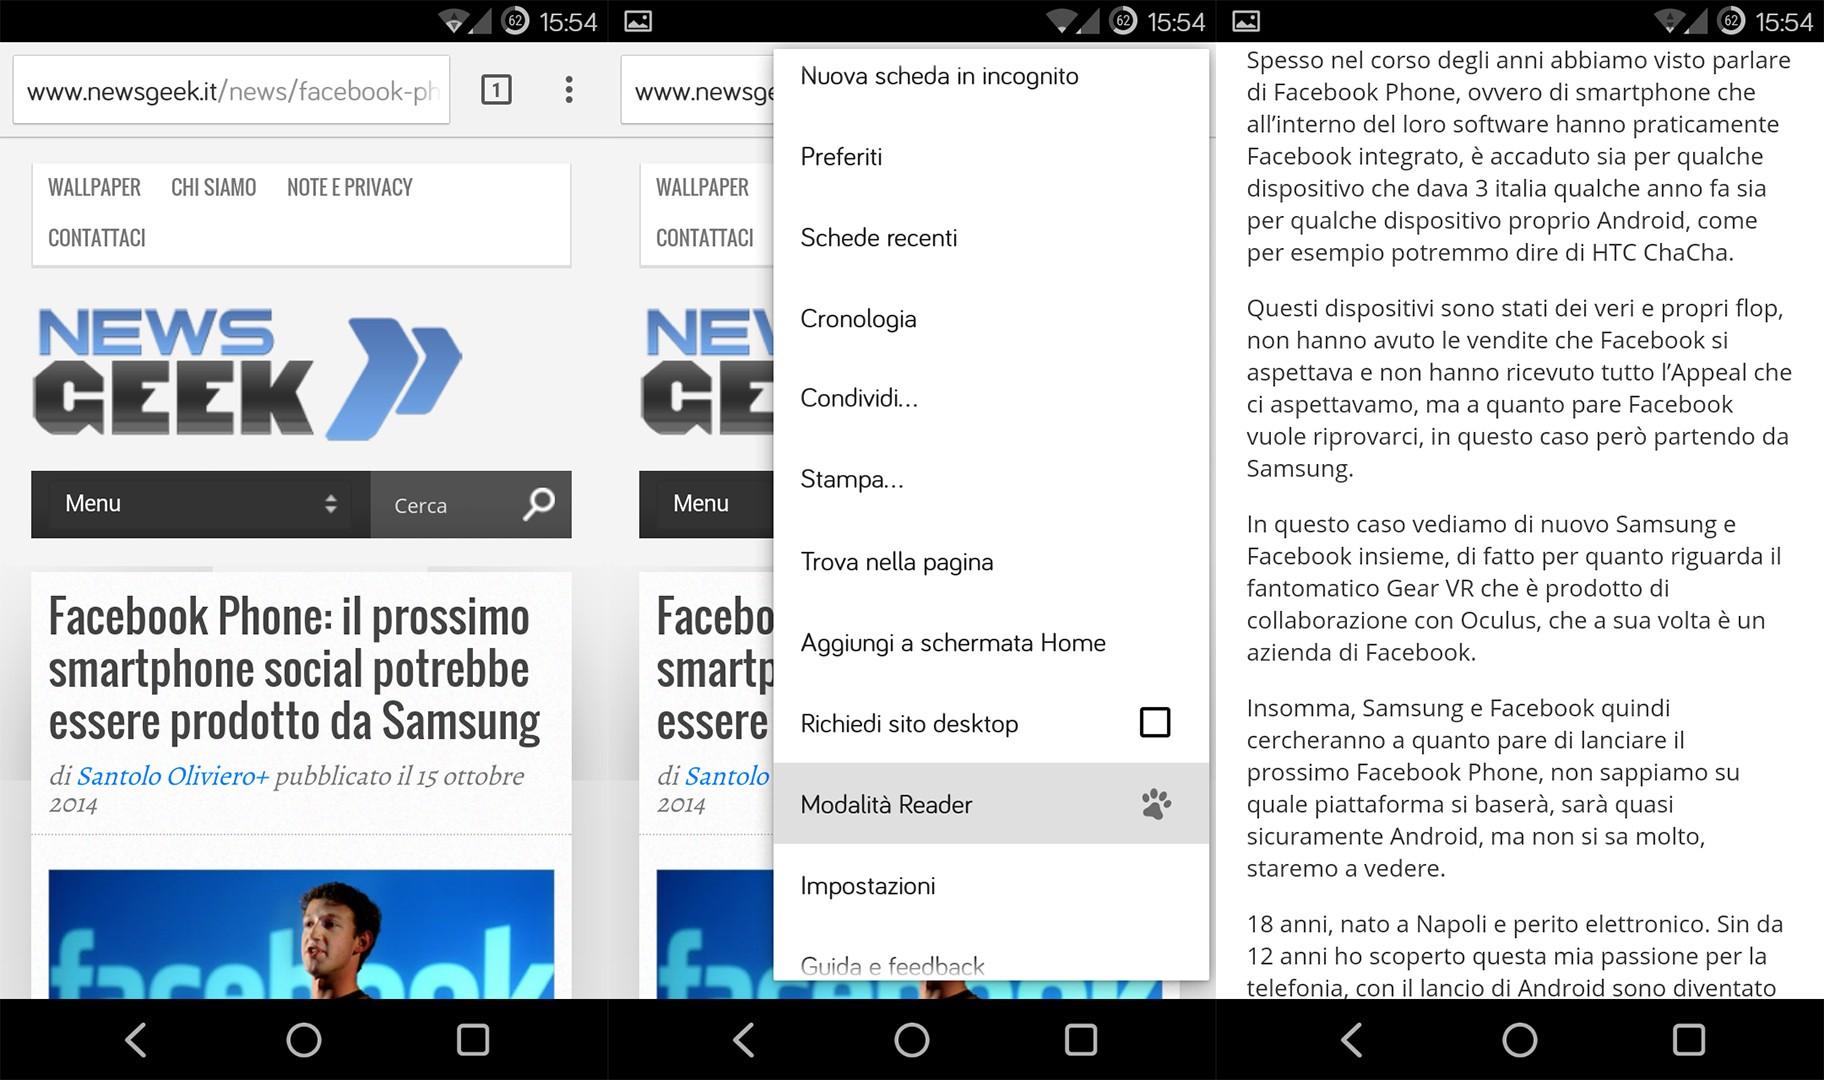 Google Chrome Beta si aggiorna alla versione 39 introducendo la modalità Reader